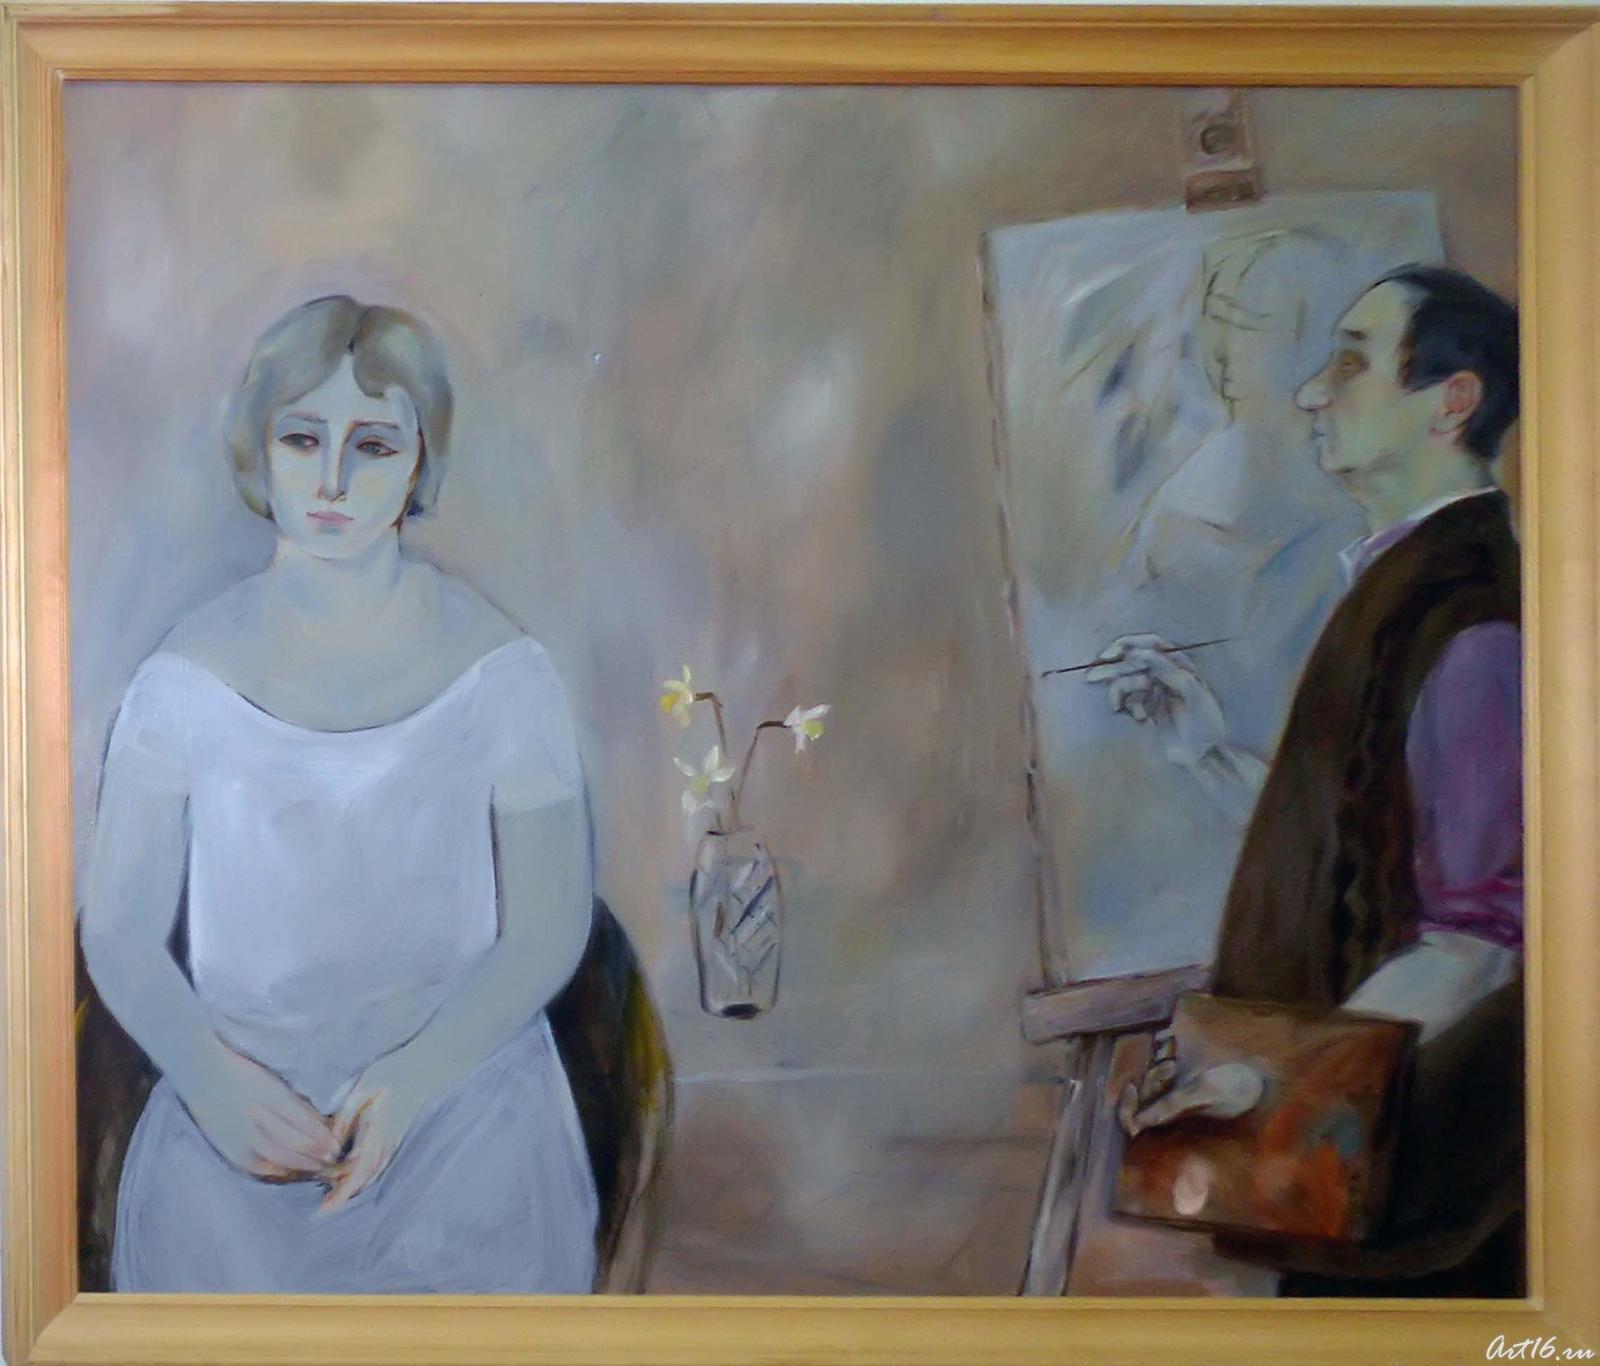 Фото №36908. Художник и модель. 2009